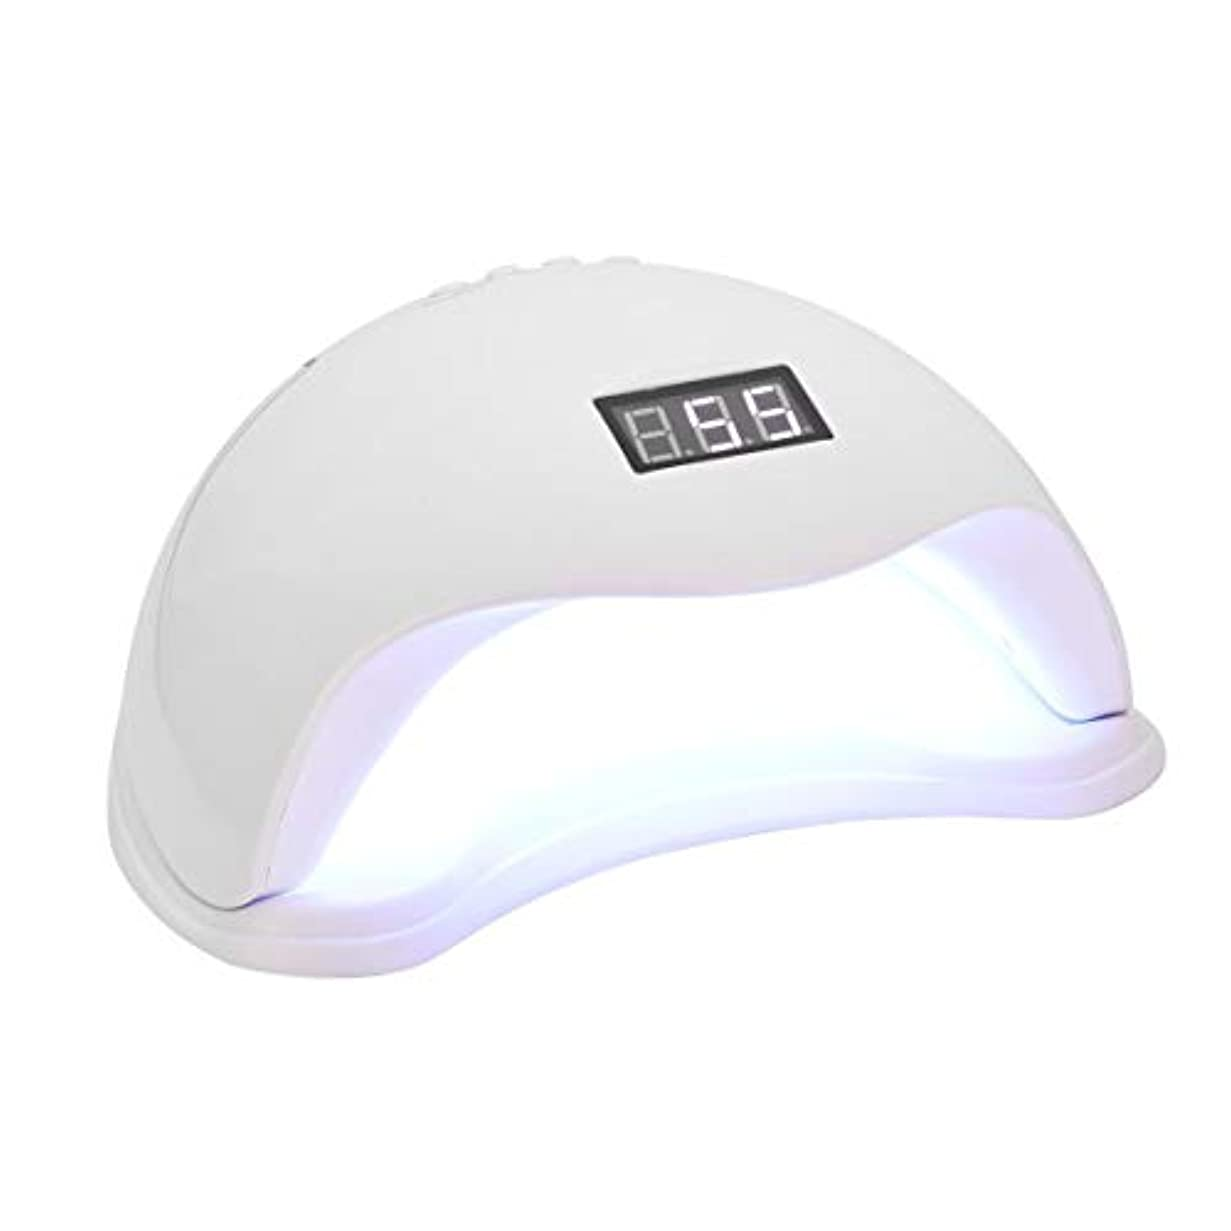 意識的ビーチシアーIntercorey女性ネイル器具ネイルランプ新しいネイル光線療法機新しいSunone 24LED 48W Uvledネイルランプツール